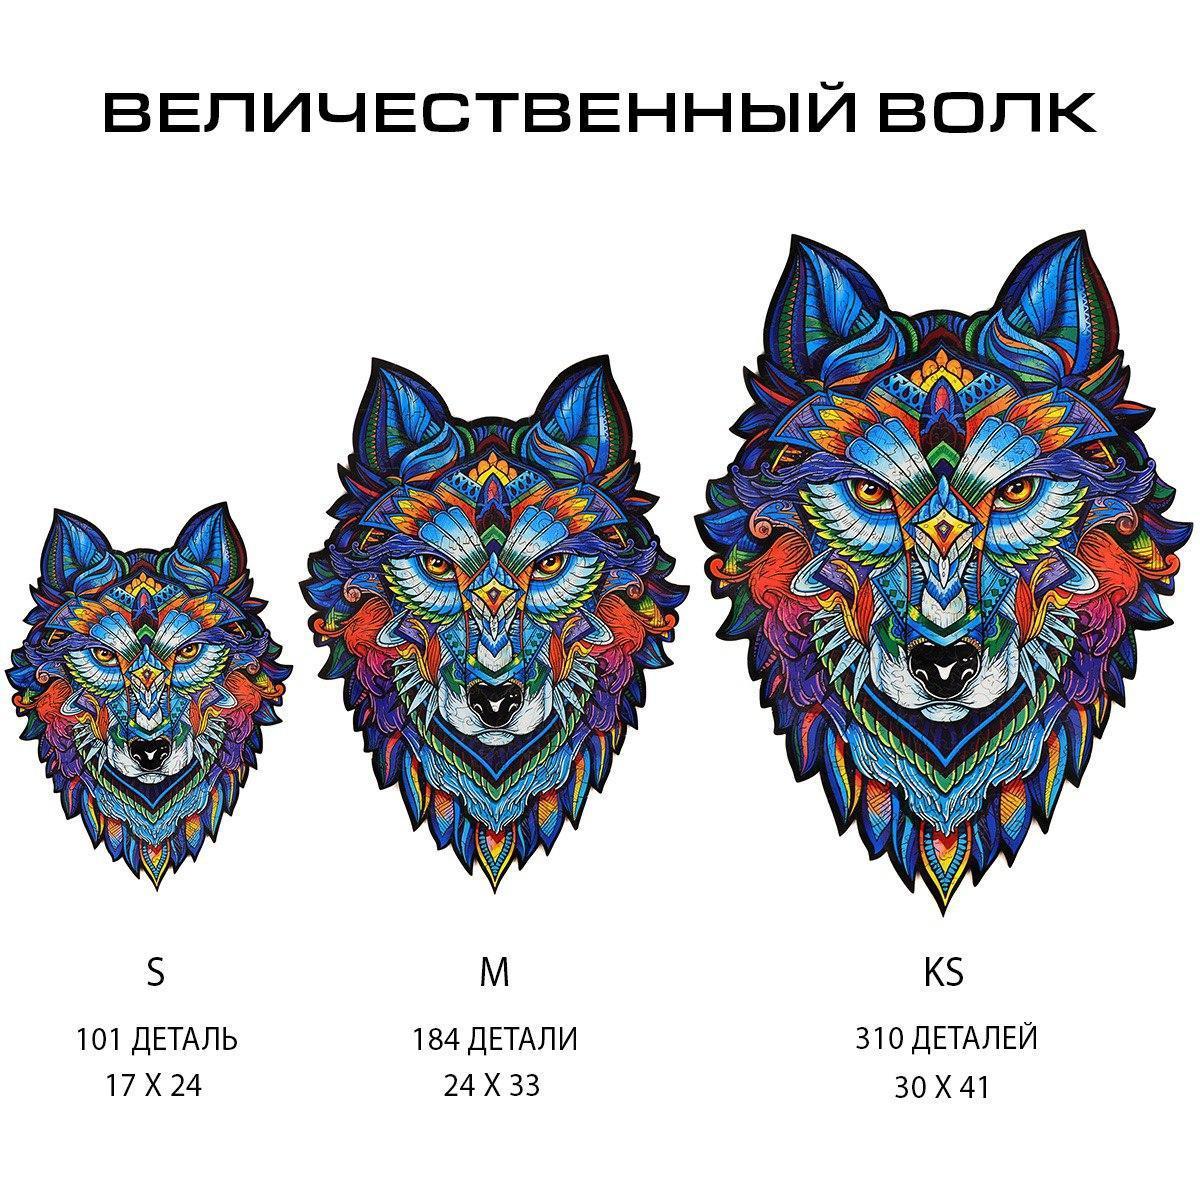 «Величественный Волк»